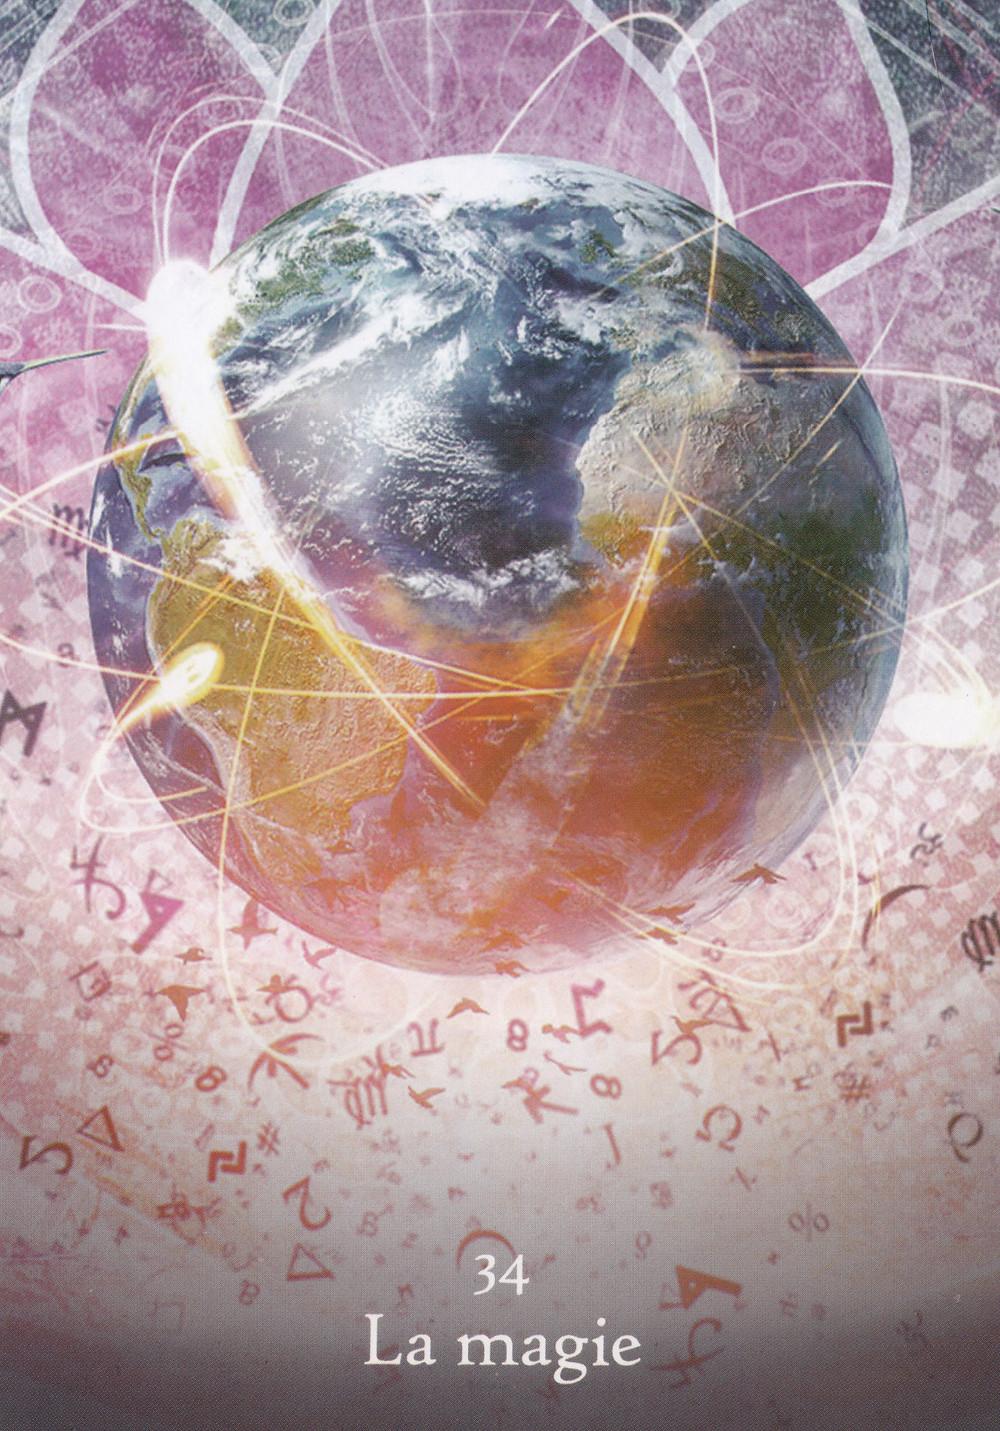 Carte de l'Oracle Les Chemins de l'Eveil, de Dylan Collin - 34 - La magie - Energies du 29 juin au 5 juillet 2020 (Pleine Lune et Eclipse) : Accueillir la Magie des énergies !